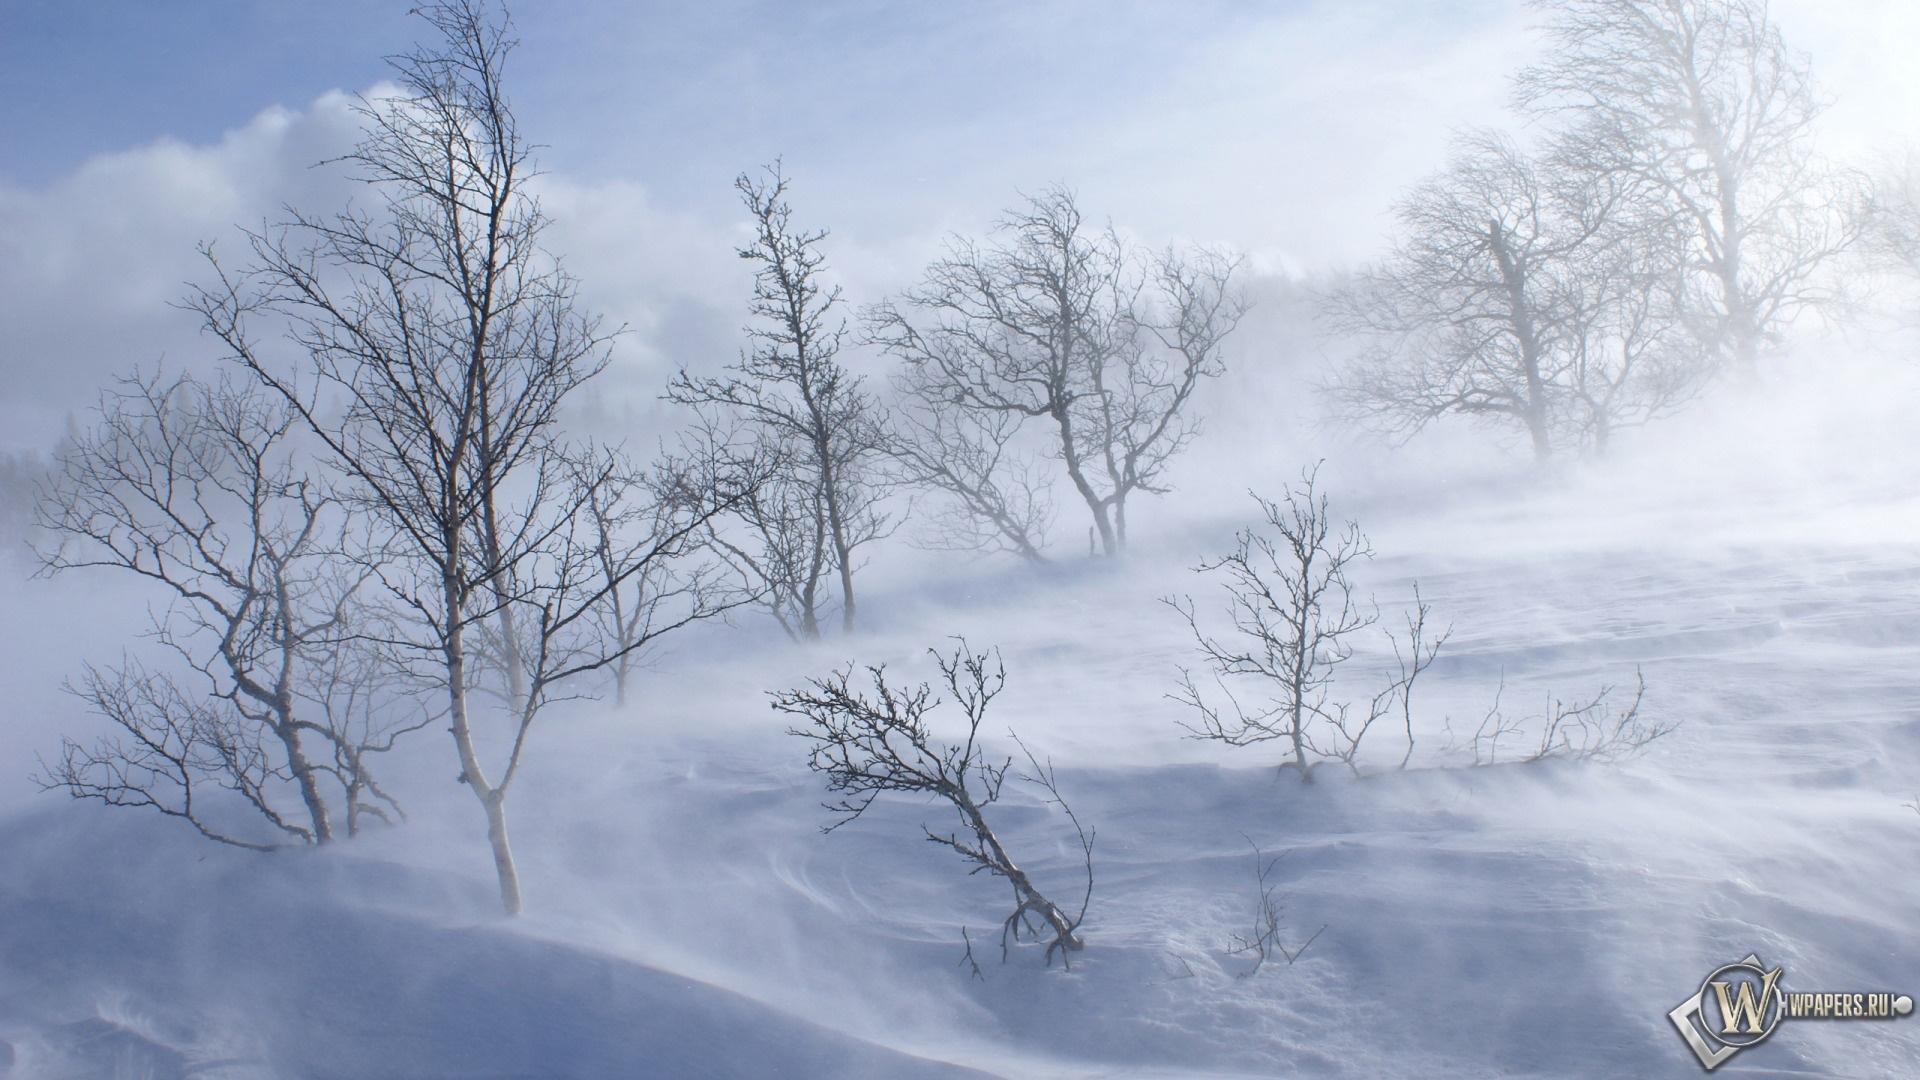 Ветренный зимний день 1920x1080